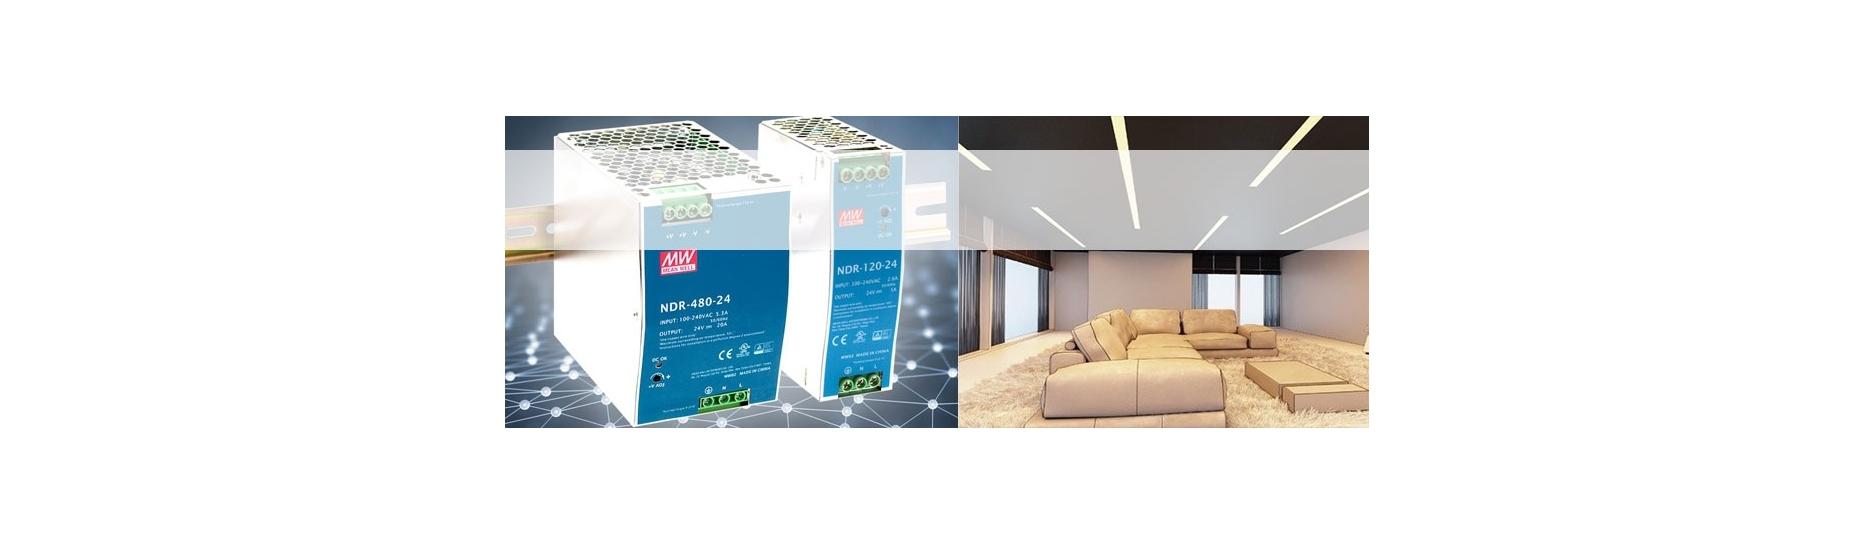 Zdroje LED na DIN lištu 24V